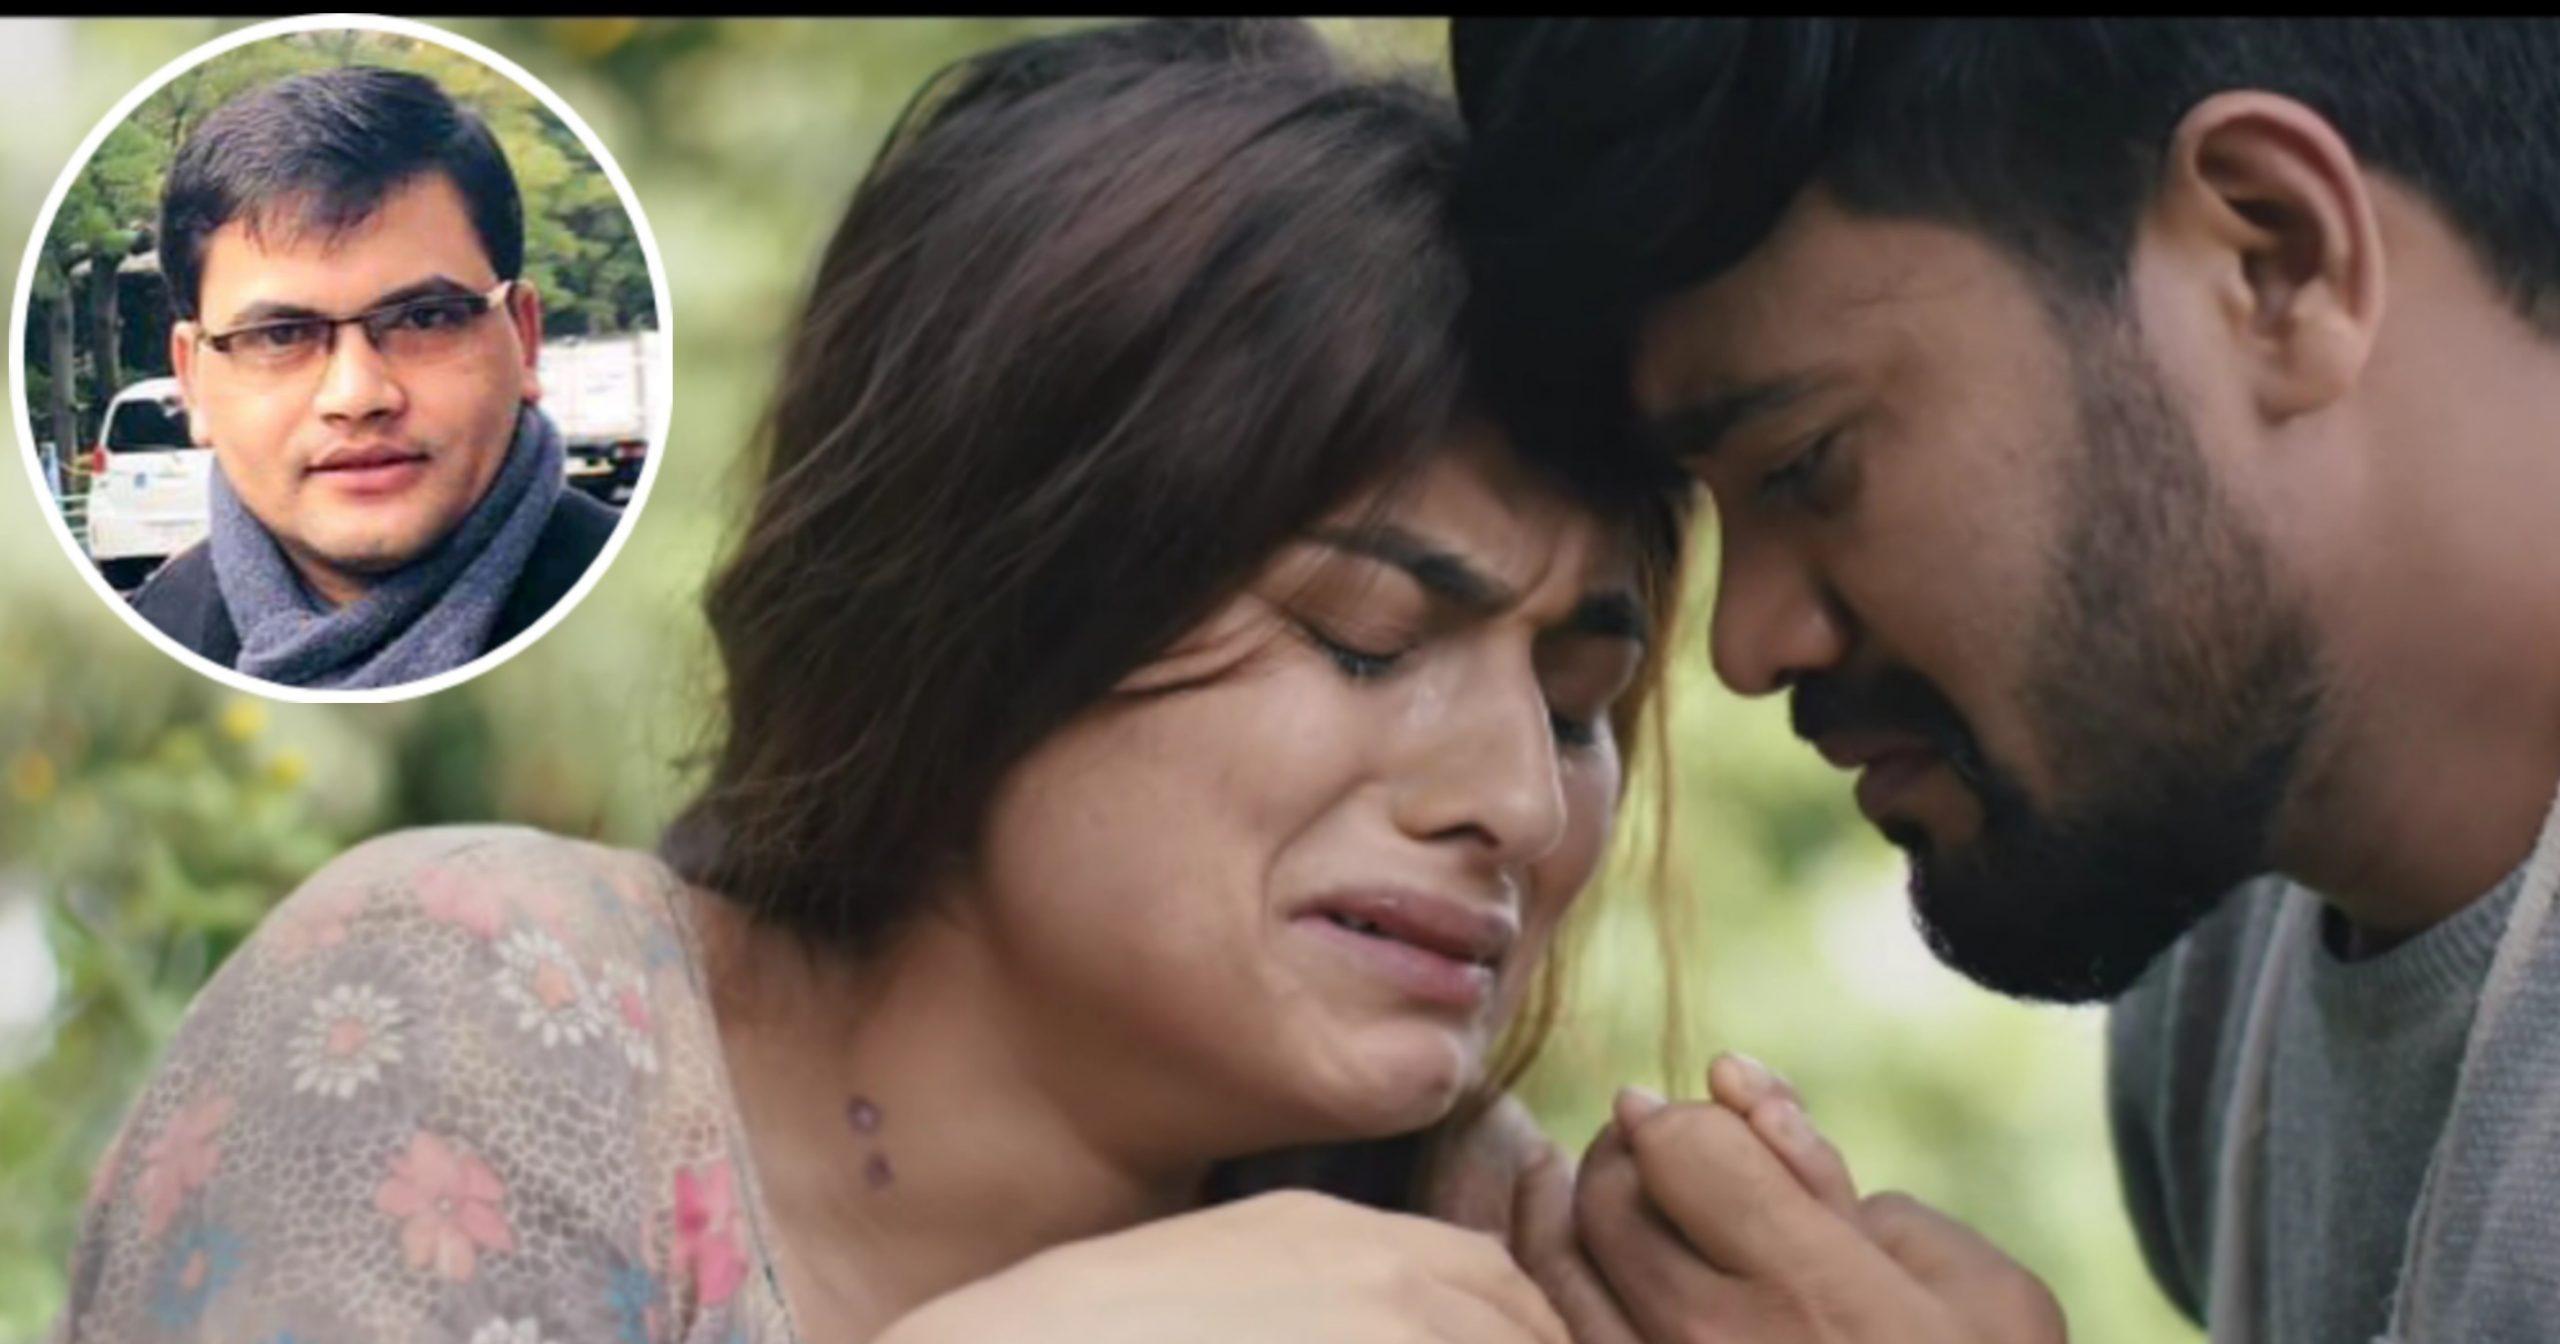 """सर्जक नारायण कँडेलको सृजनामा कारुणिक प्रेम कहानी समेटिएको गीत """"आफ्नोपन"""" रिलिज"""